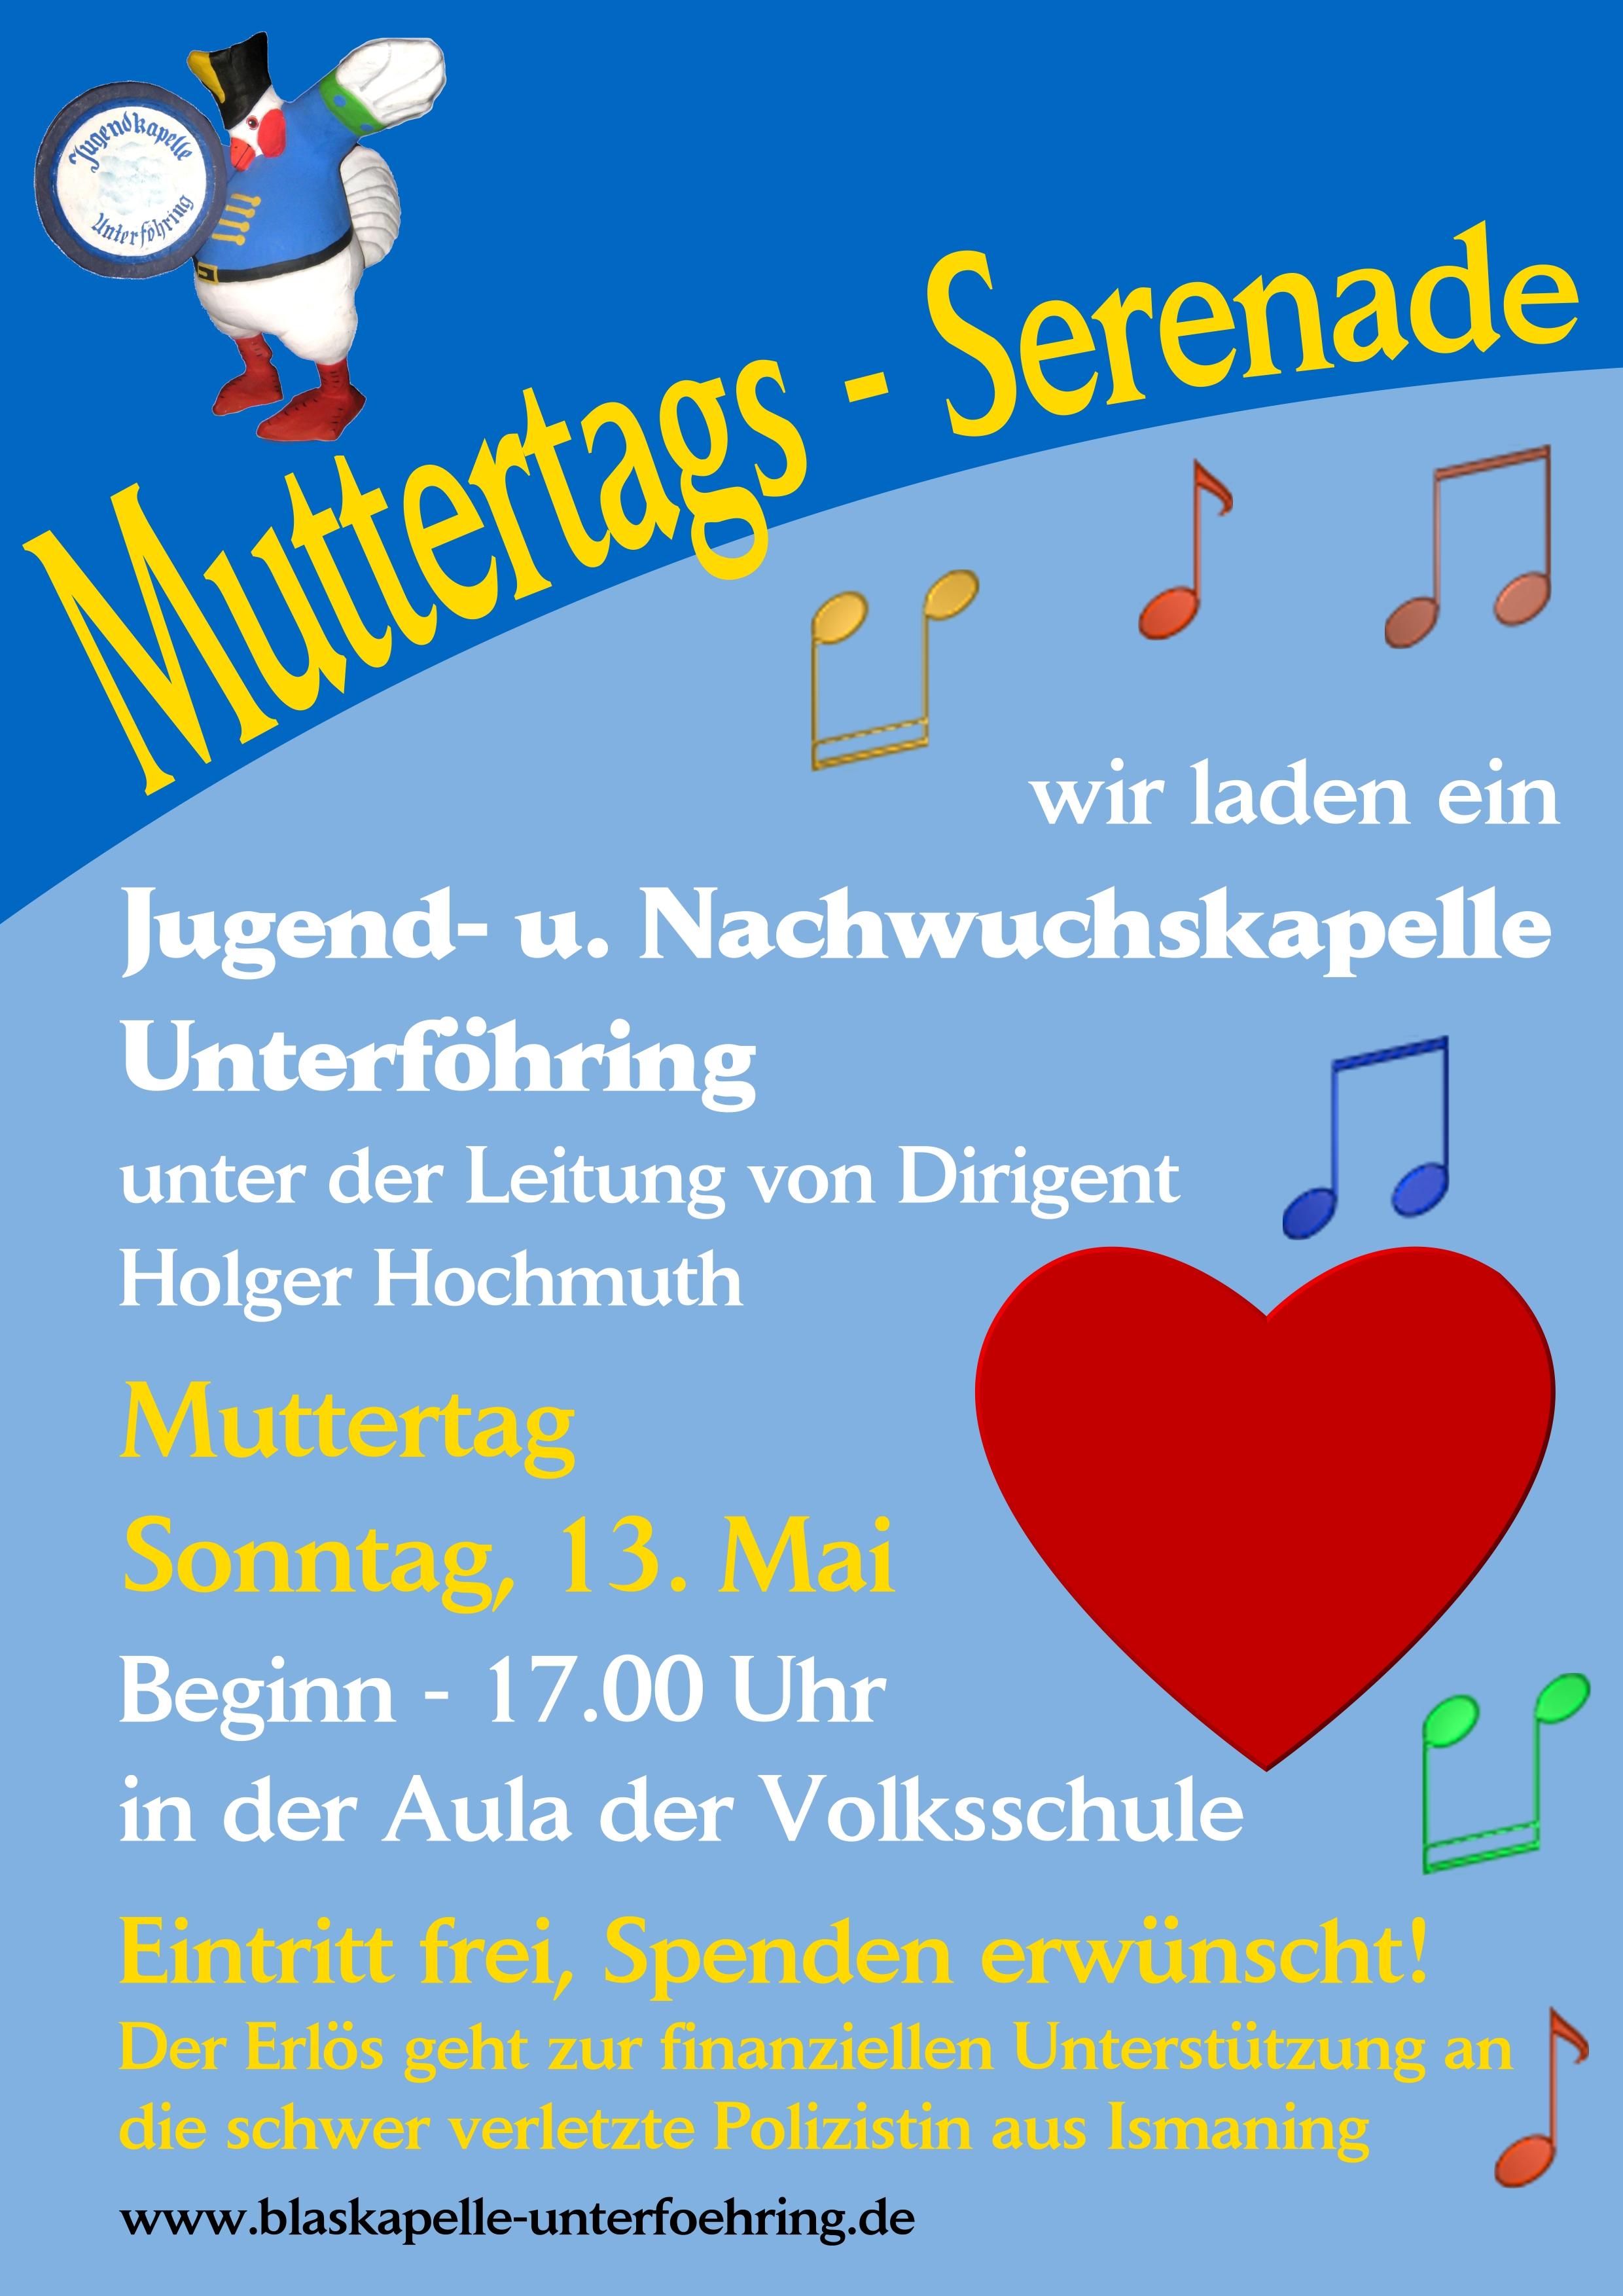 Plakat Muttertags-Sserenade 2018.jpg